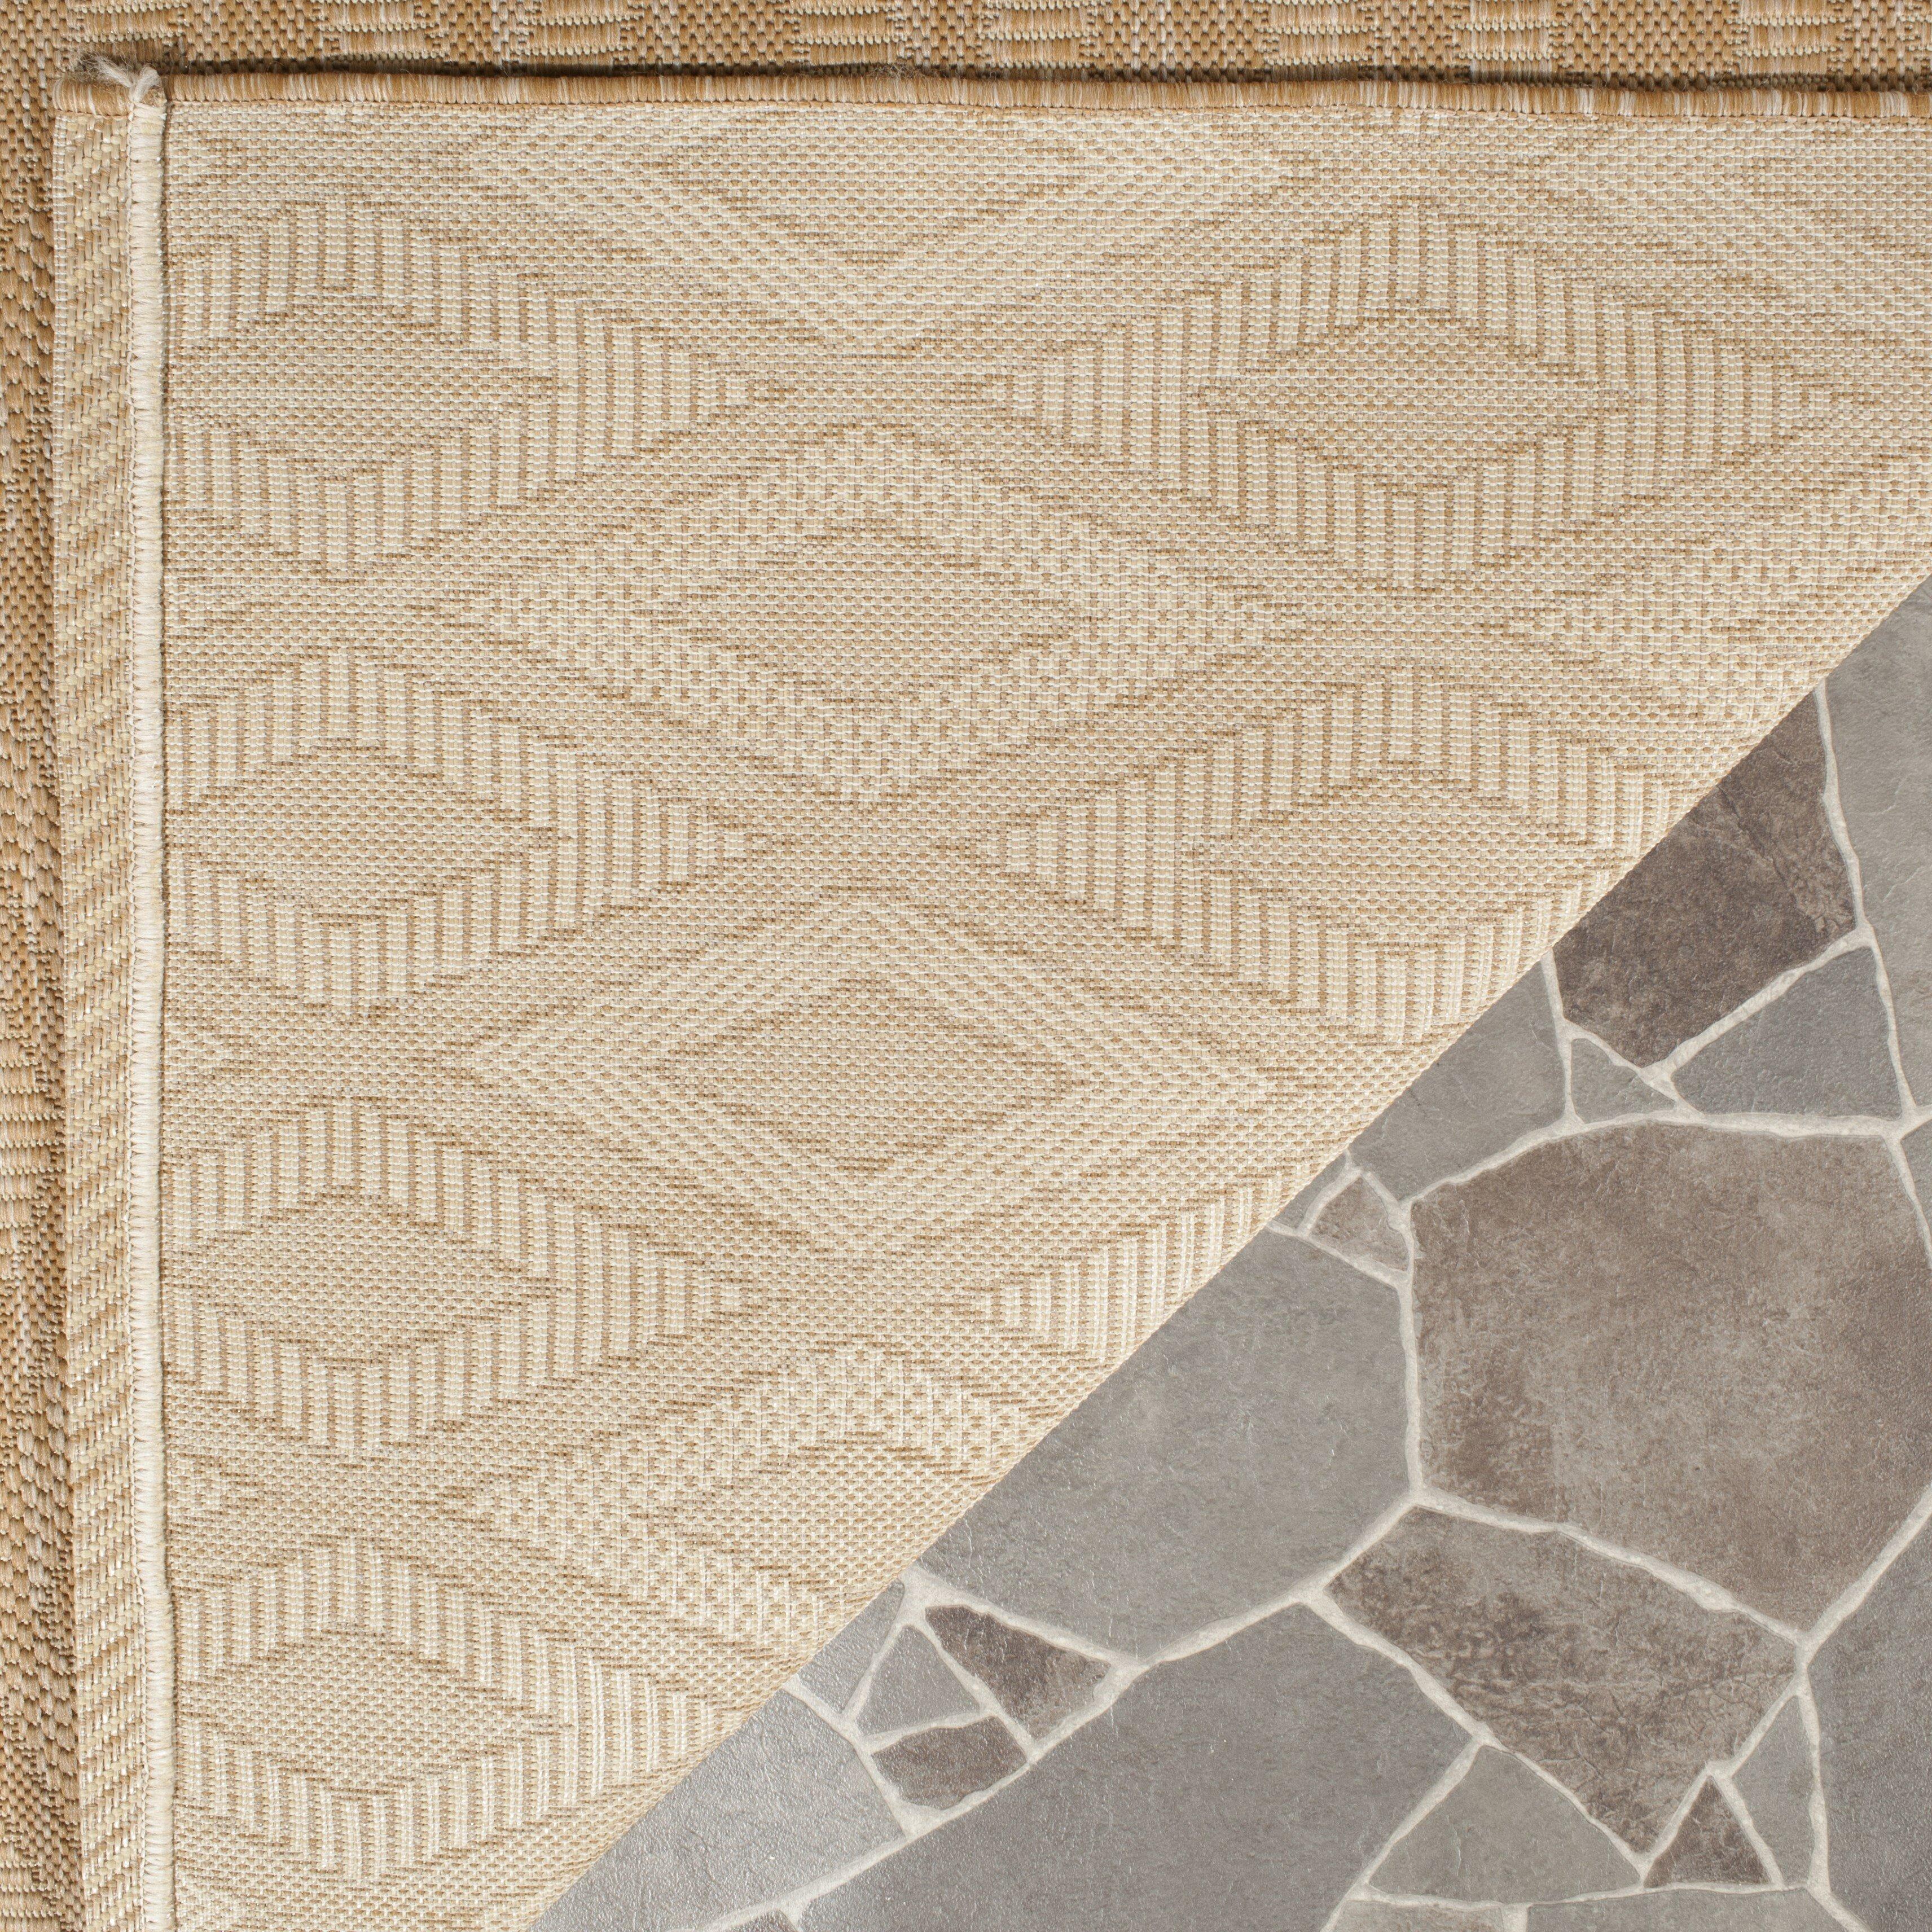 Safavieh biarritz natural indoor outdoor area rug for Indoor outdoor rugs uk